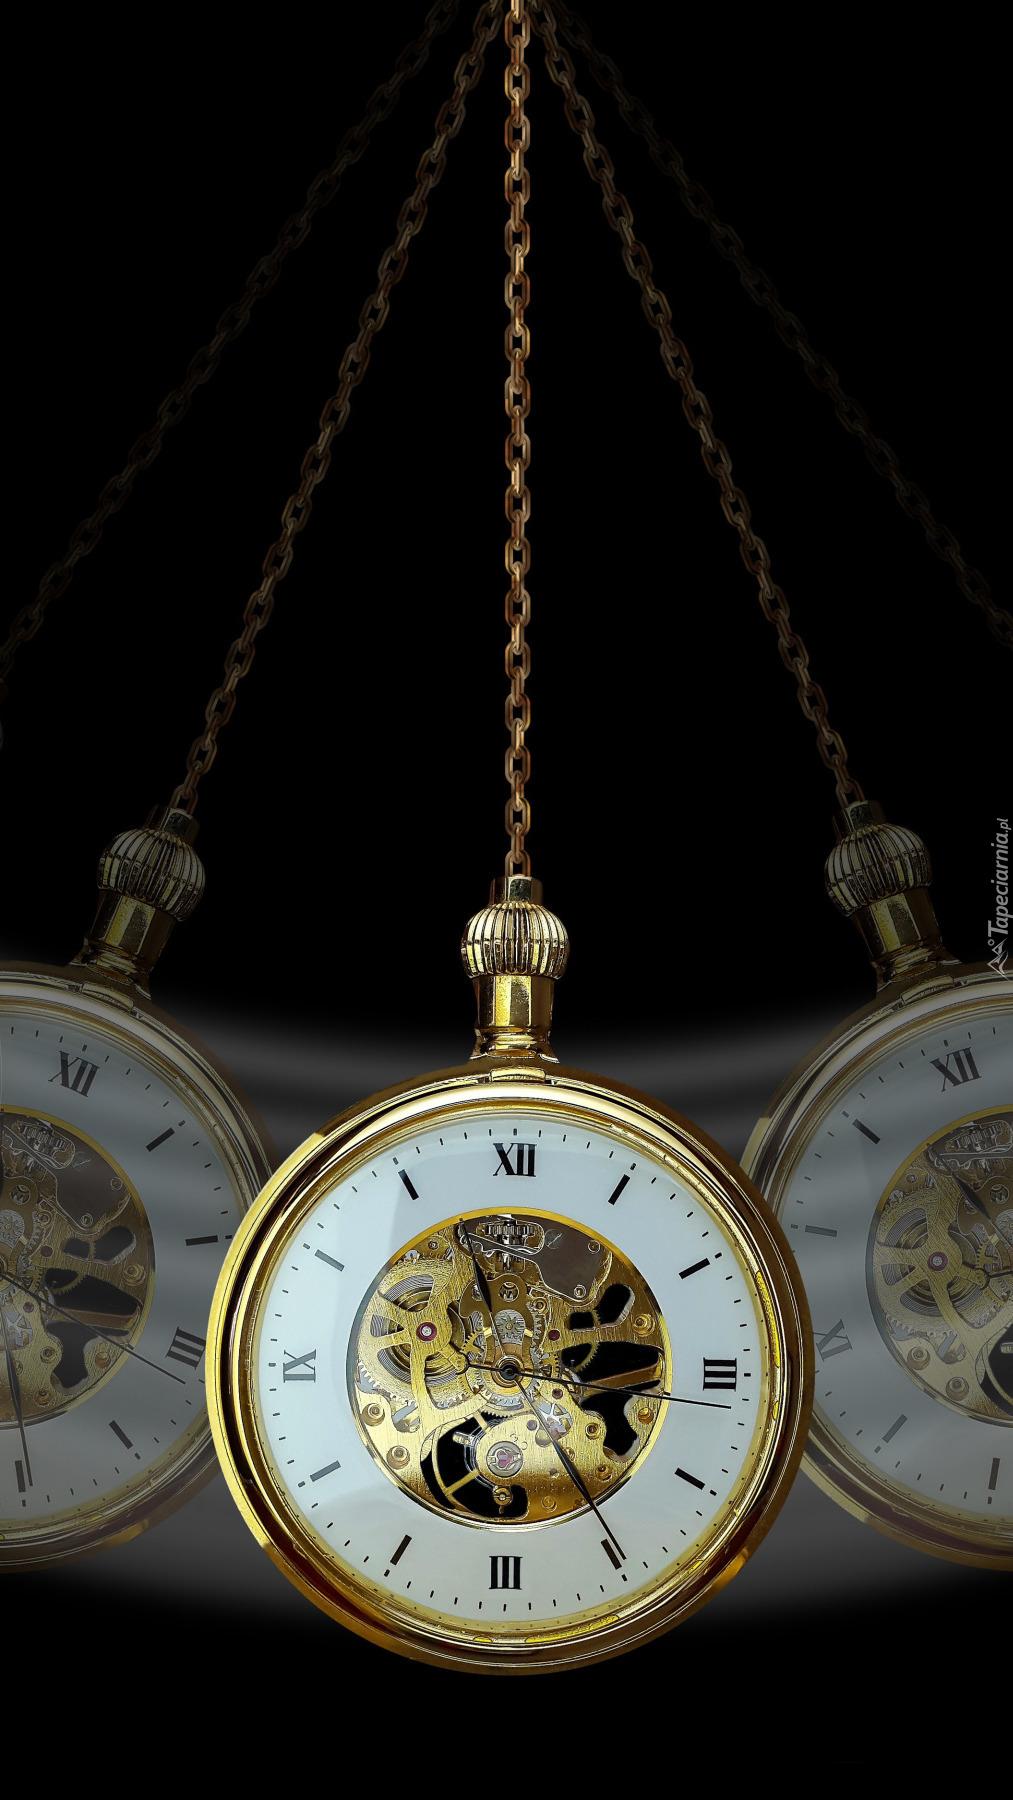 Zegarek z łańcuszkiem